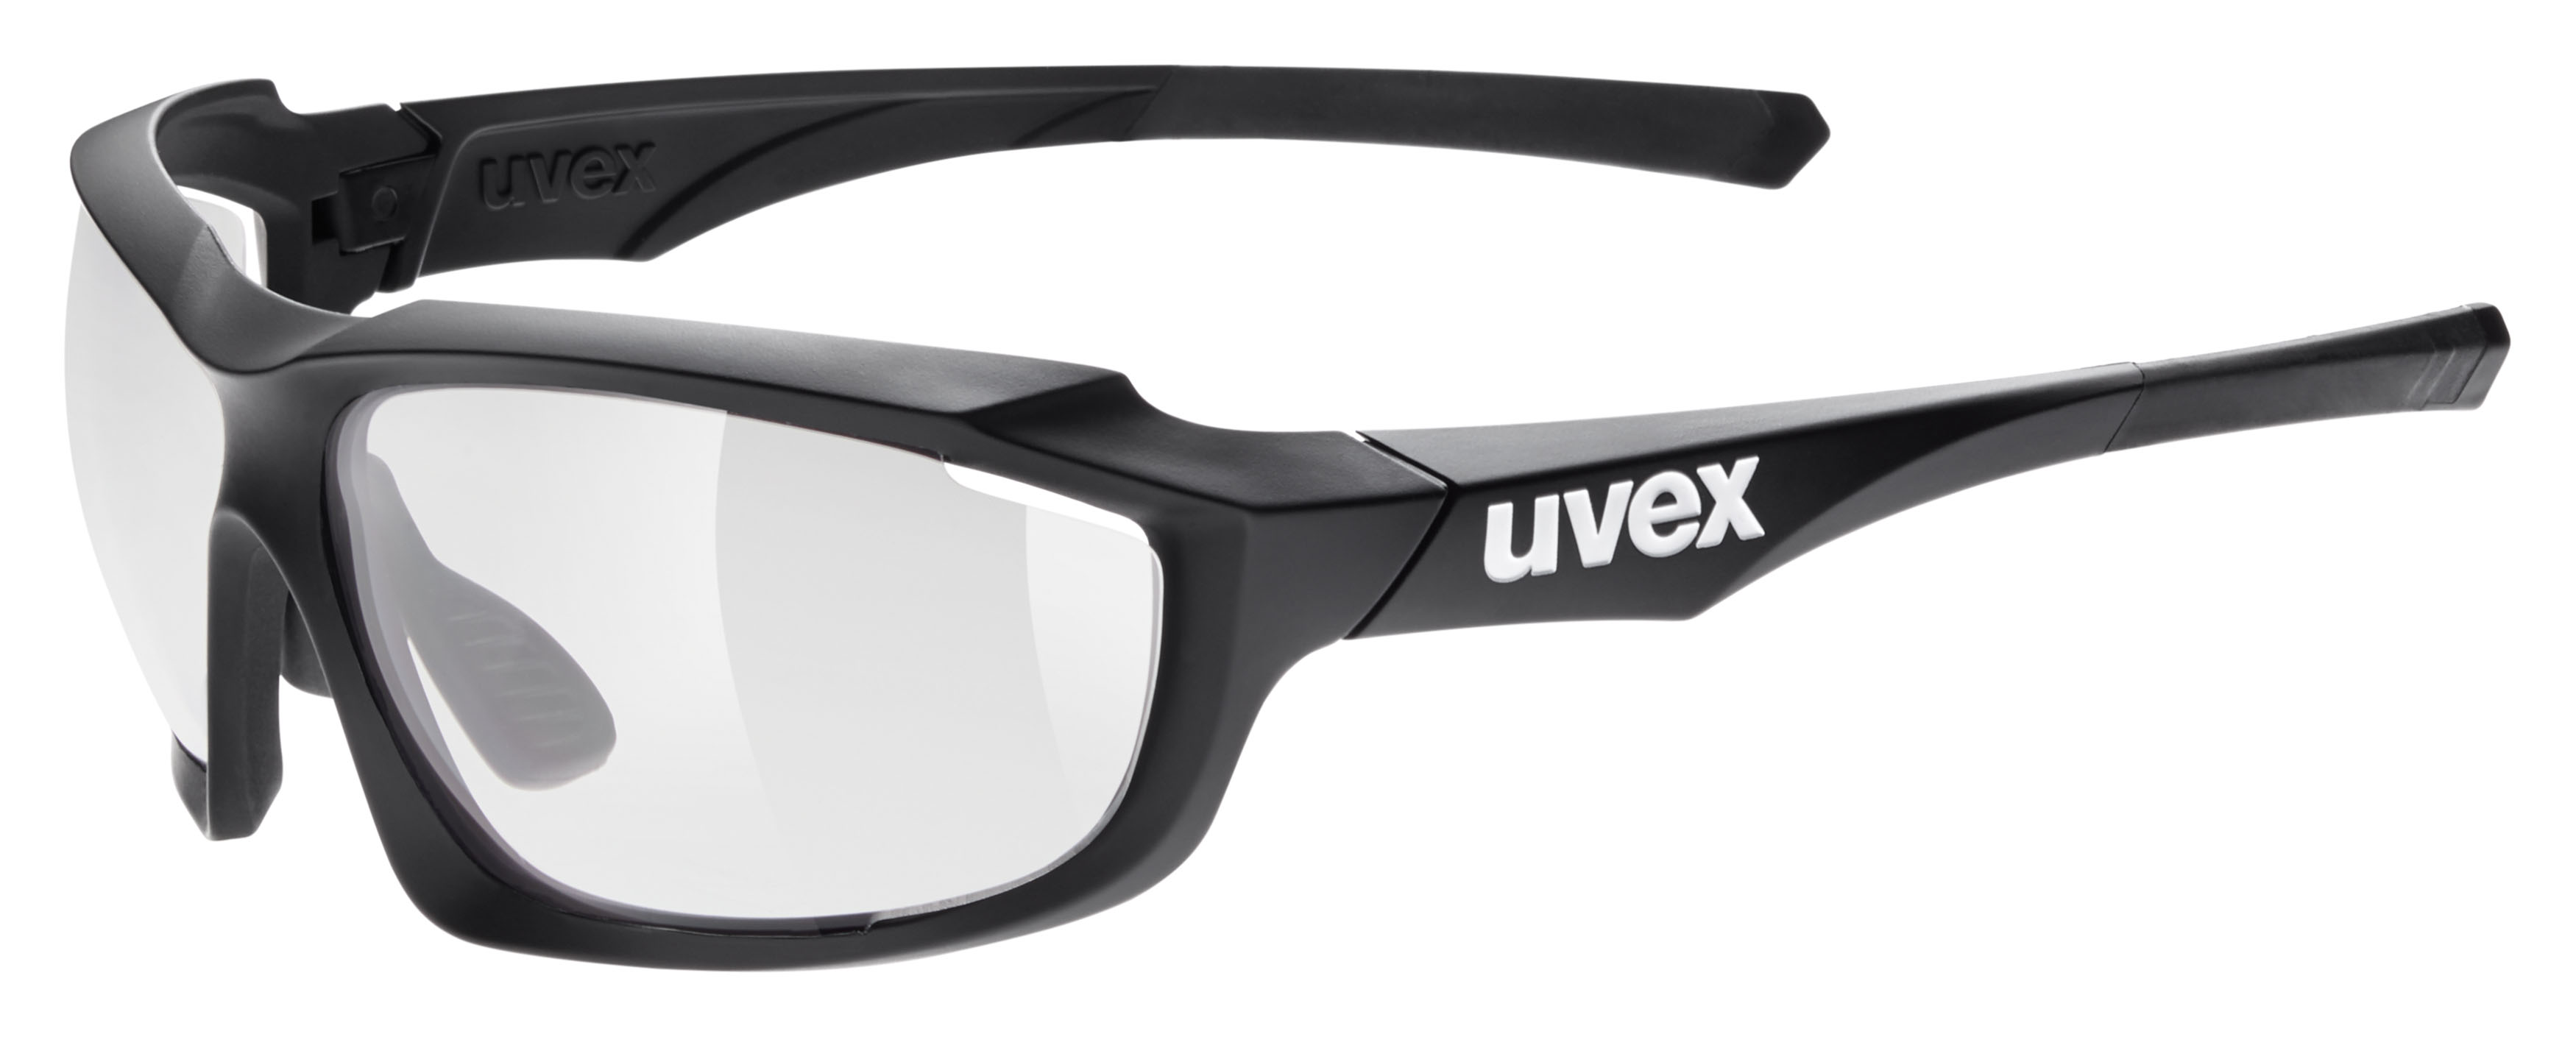 Uvex Sportsstyle 710 v